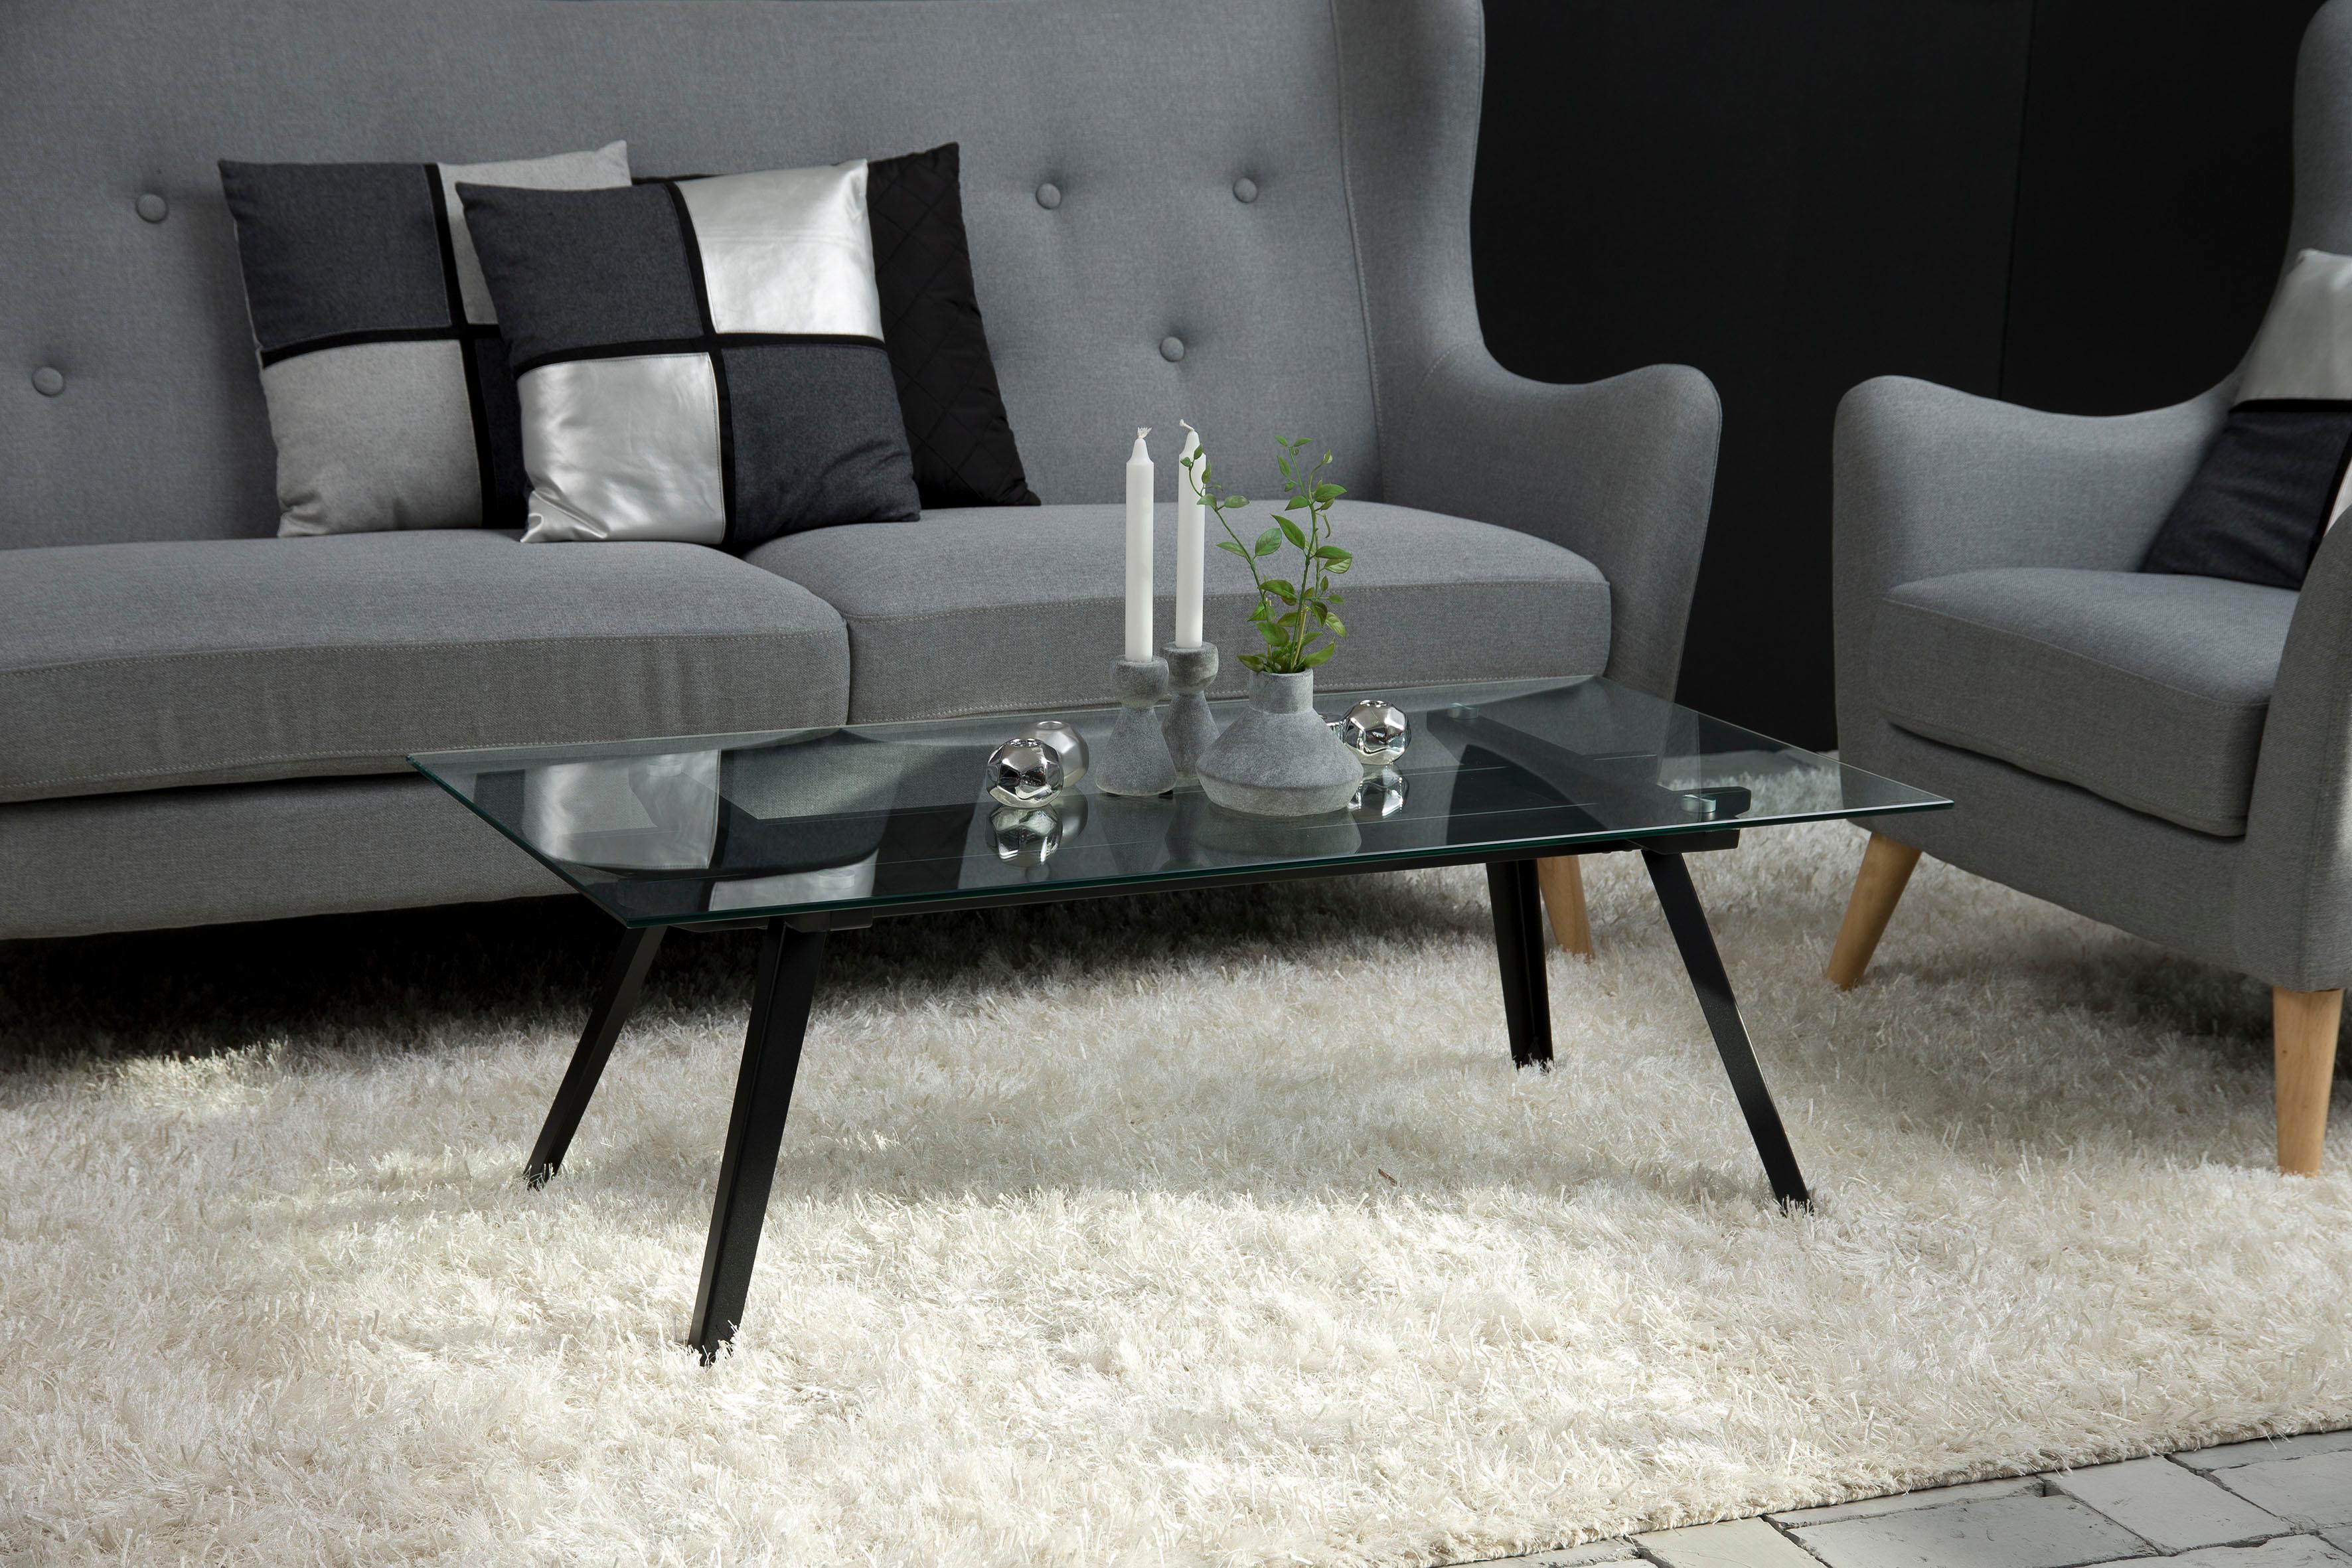 Glas Couchtische online kaufen   Möbel-Suchmaschine   ladendirekt.de